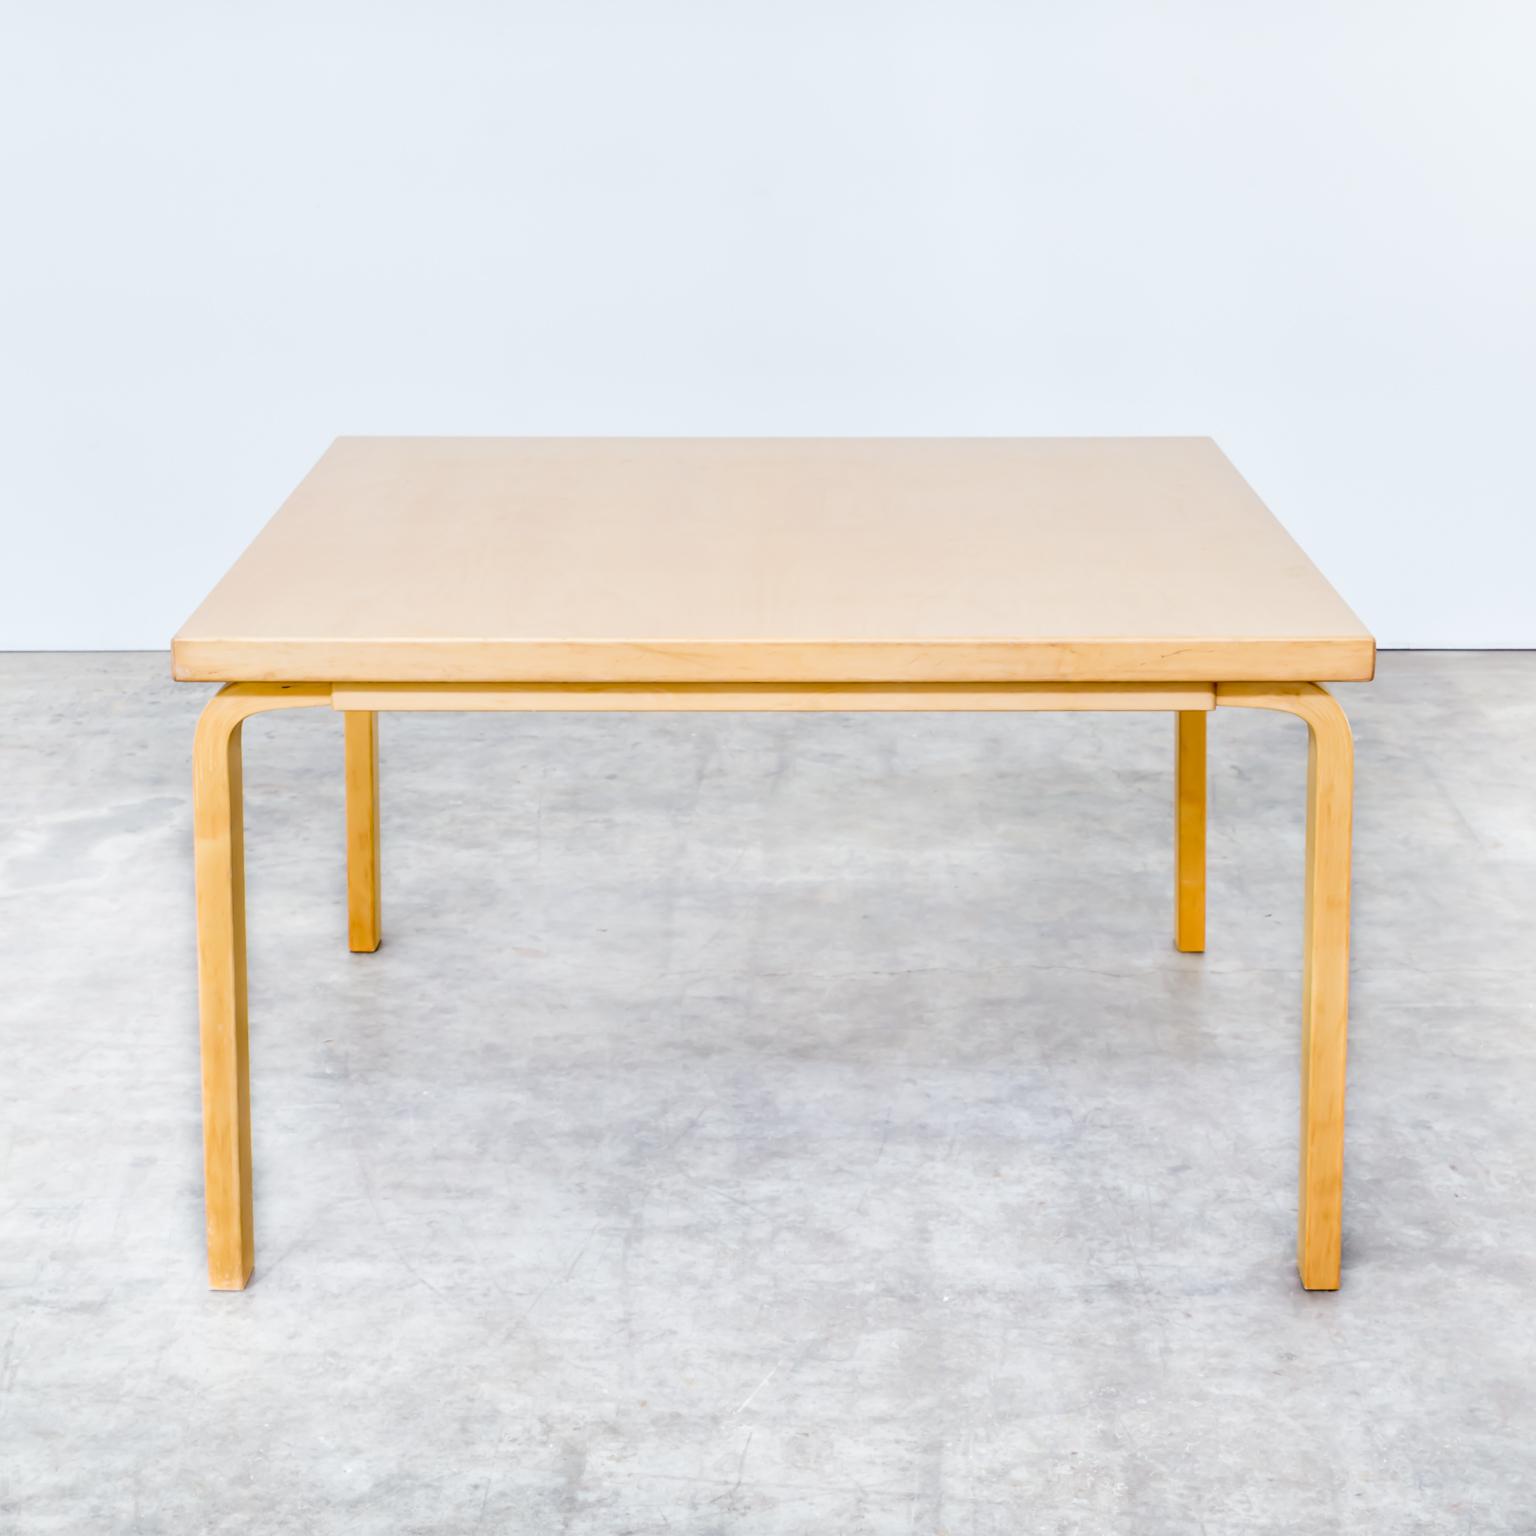 1005047TE Aalvar Aalto Artek Birch Dining Table Eettafel Vintage